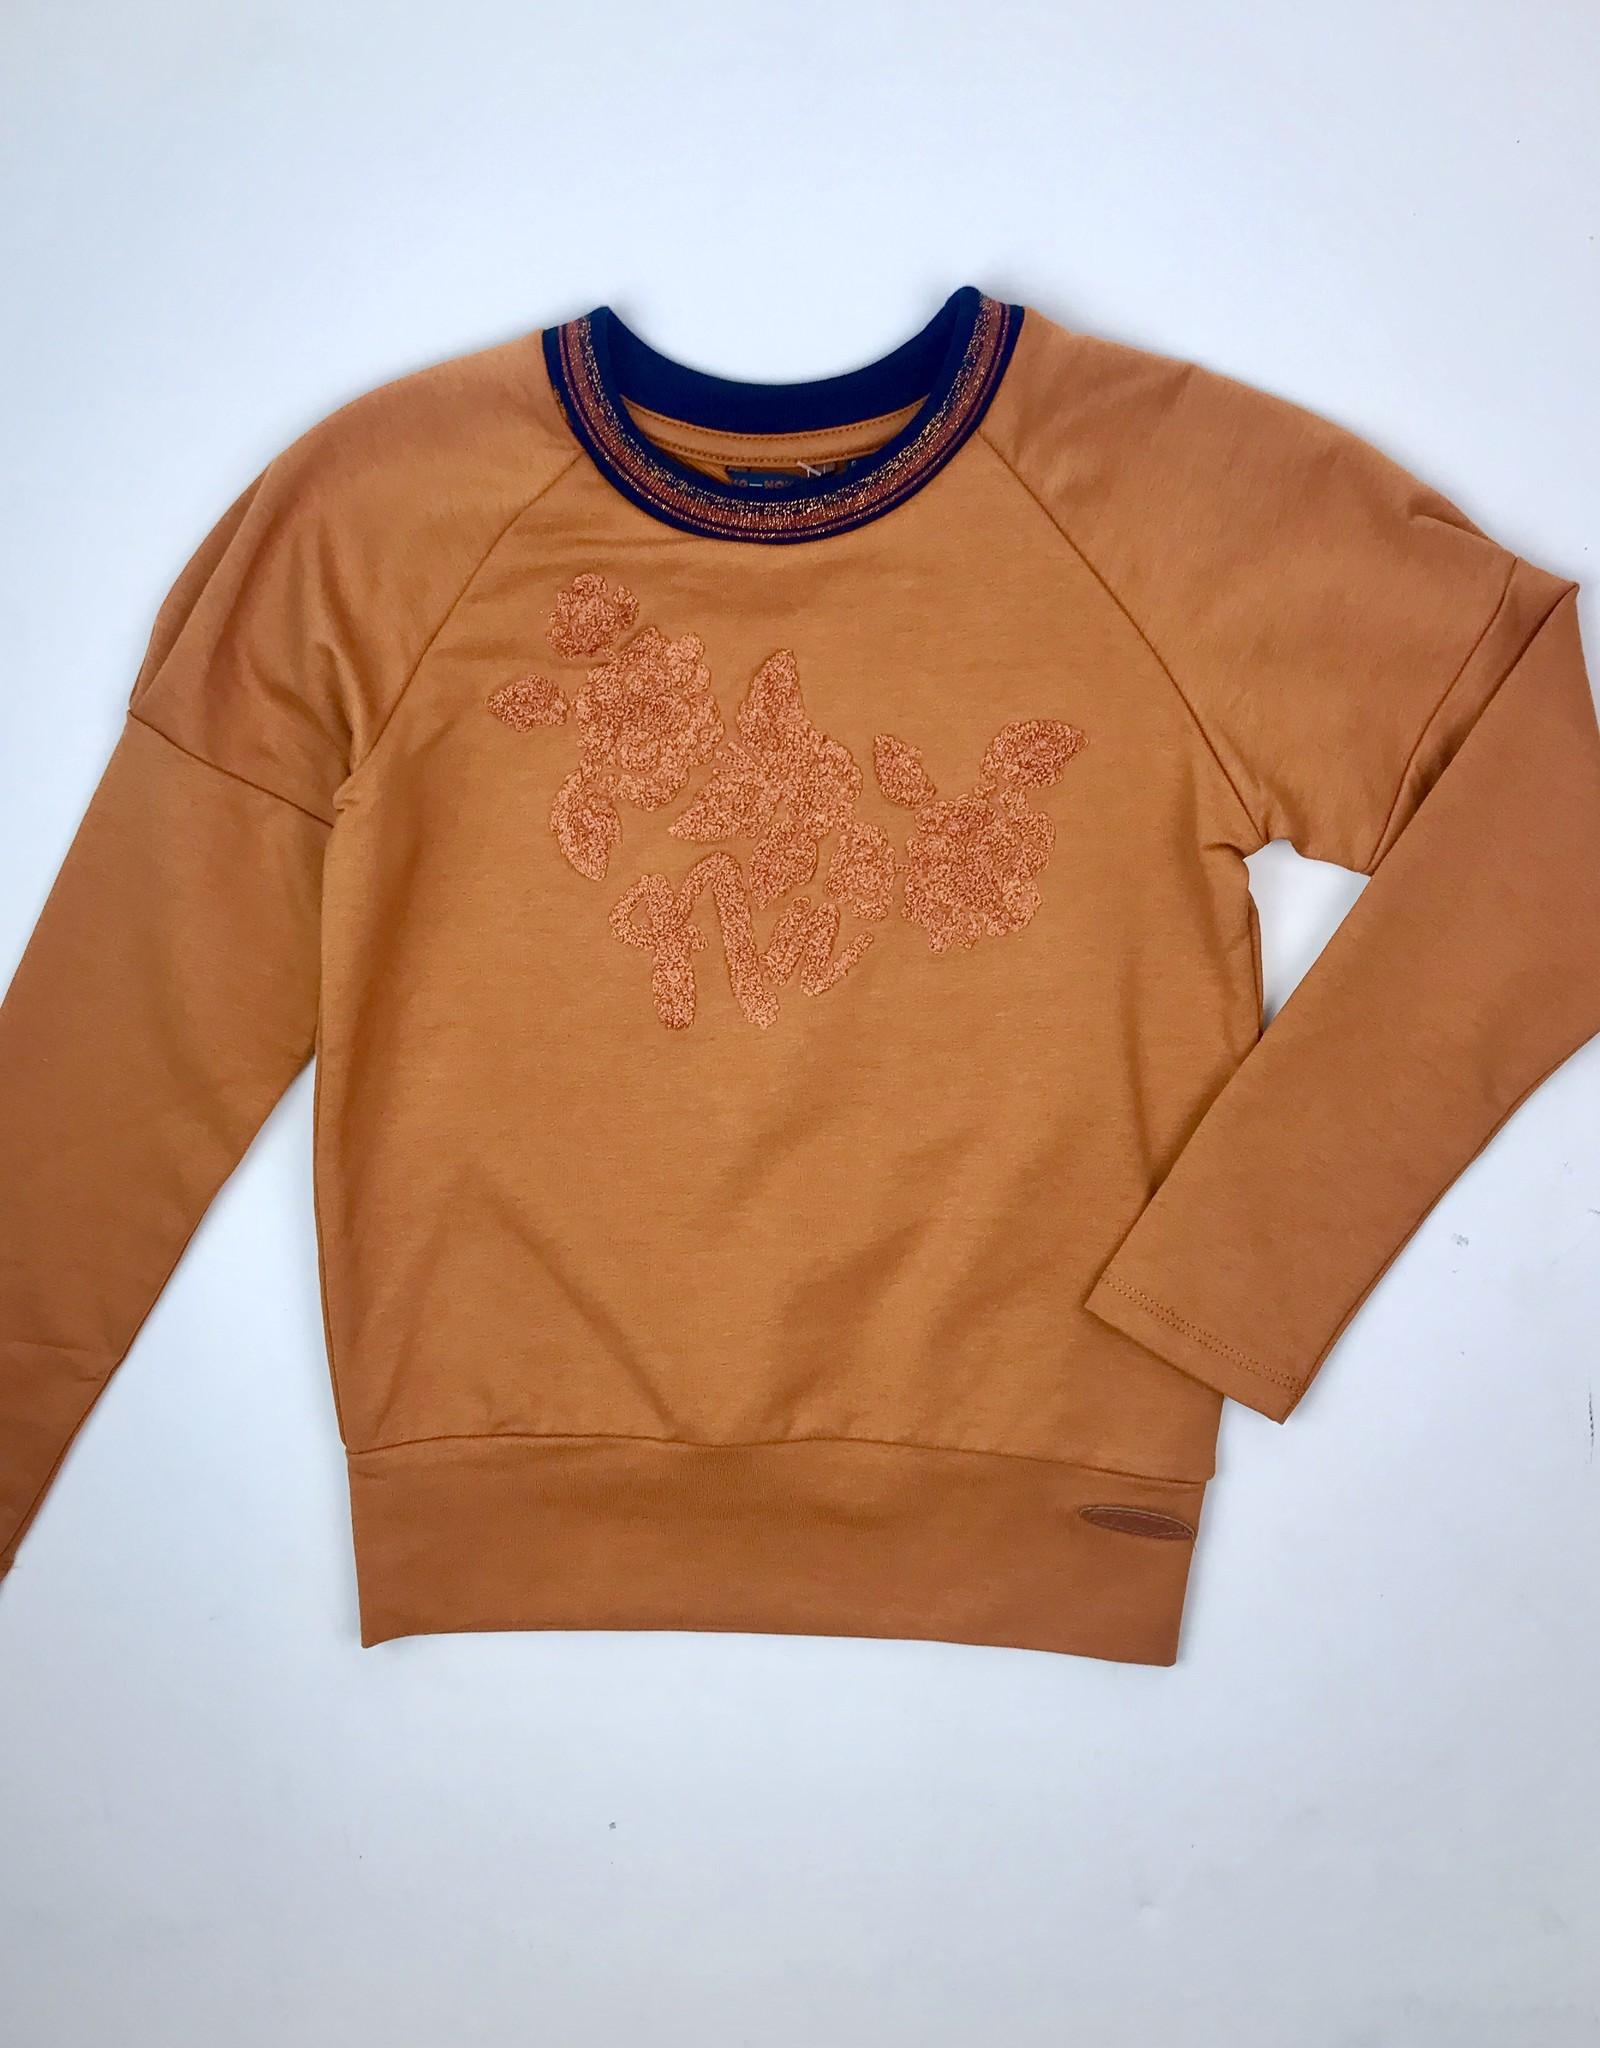 NONO Copper Embroidered Sweatshirt